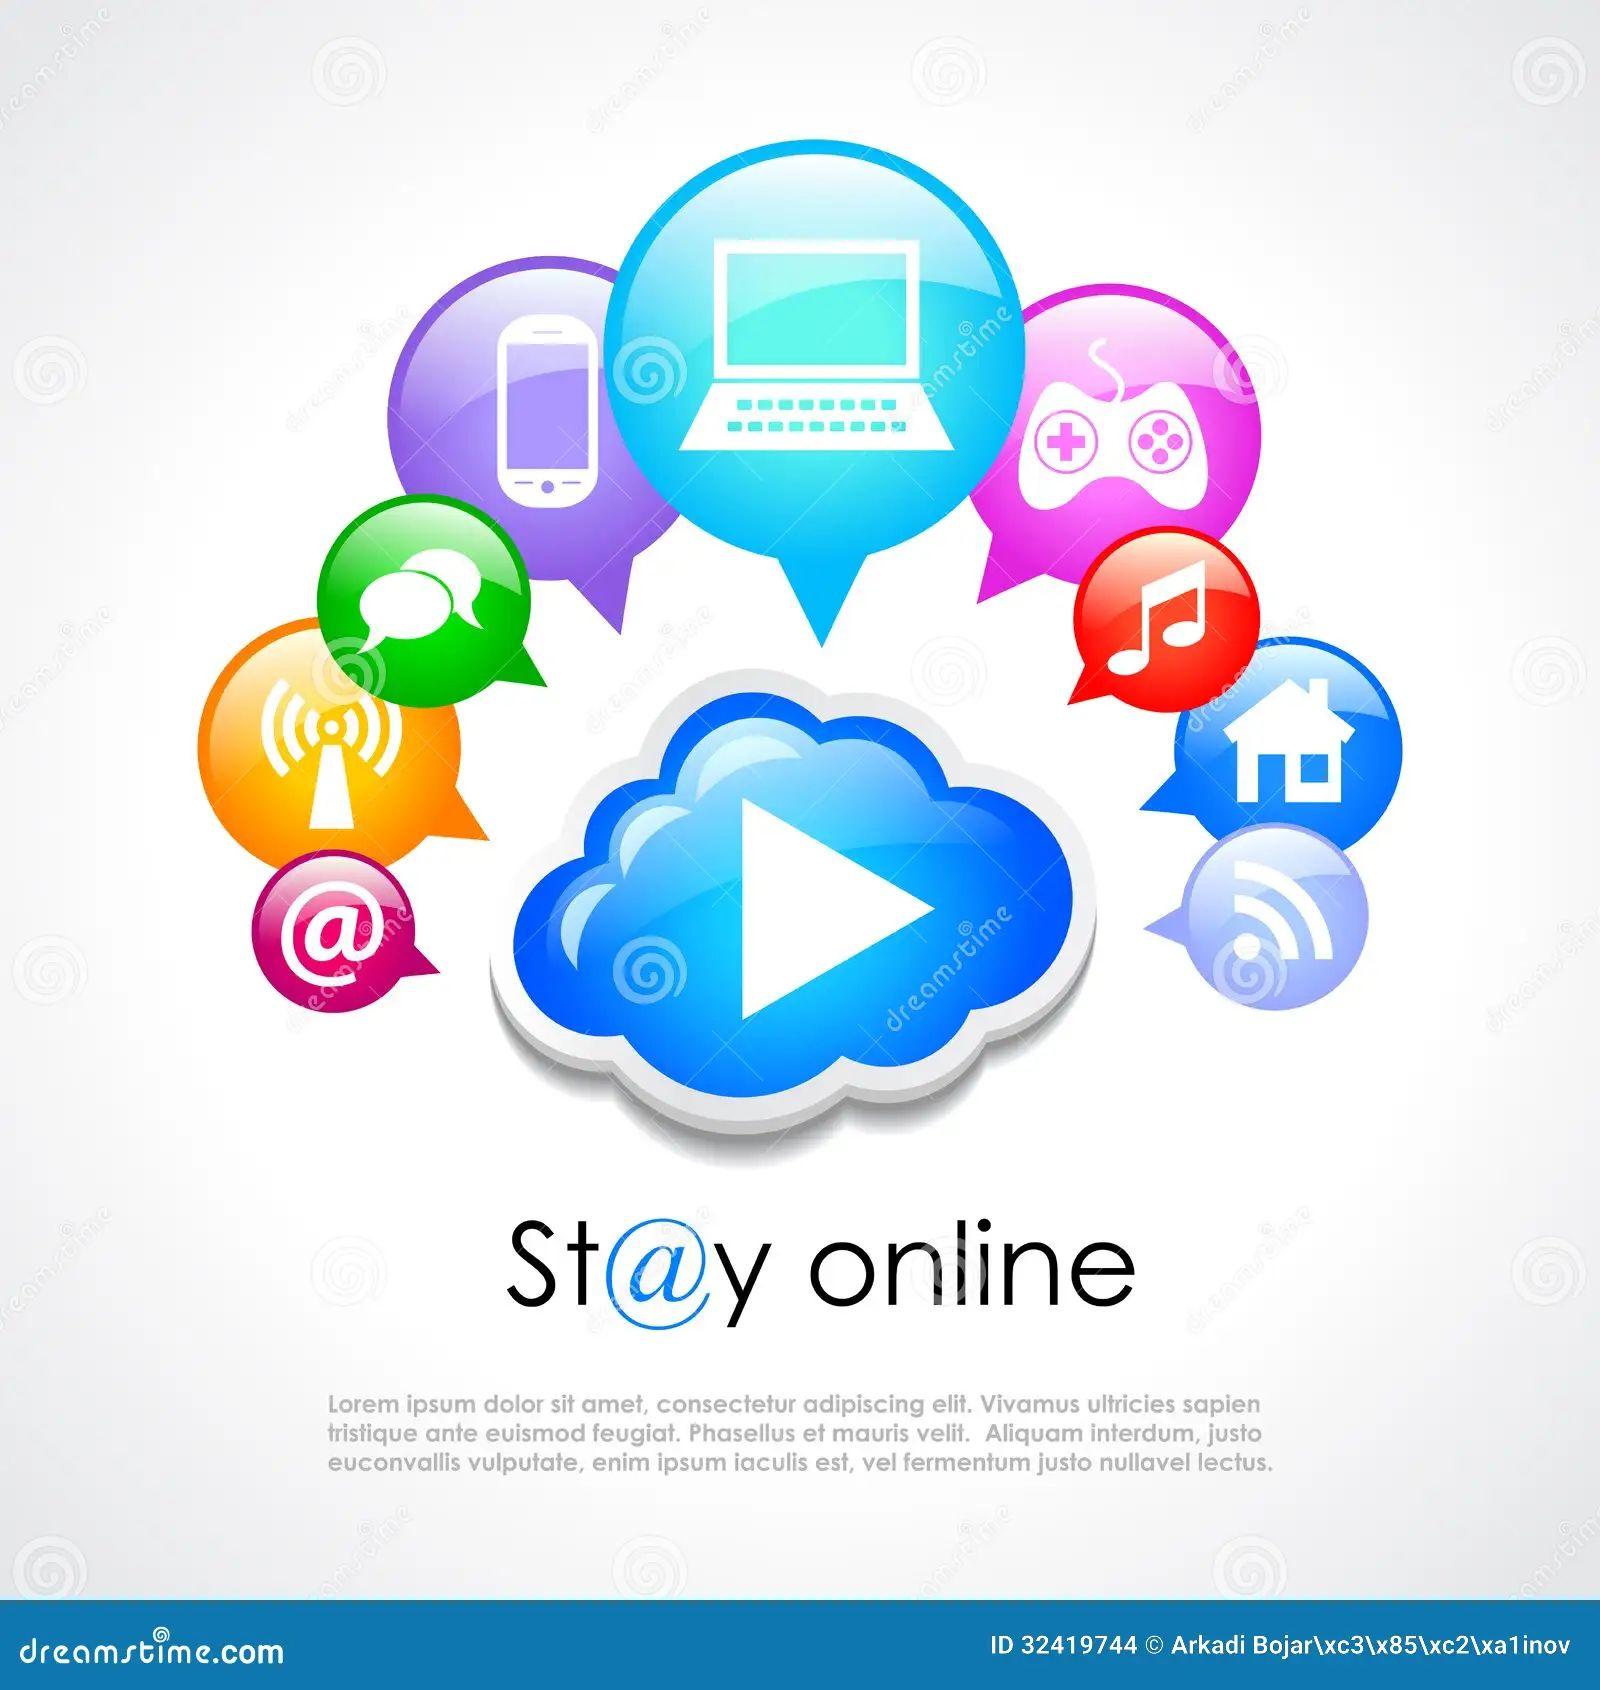 Poster design online -  Design Online Poster Download